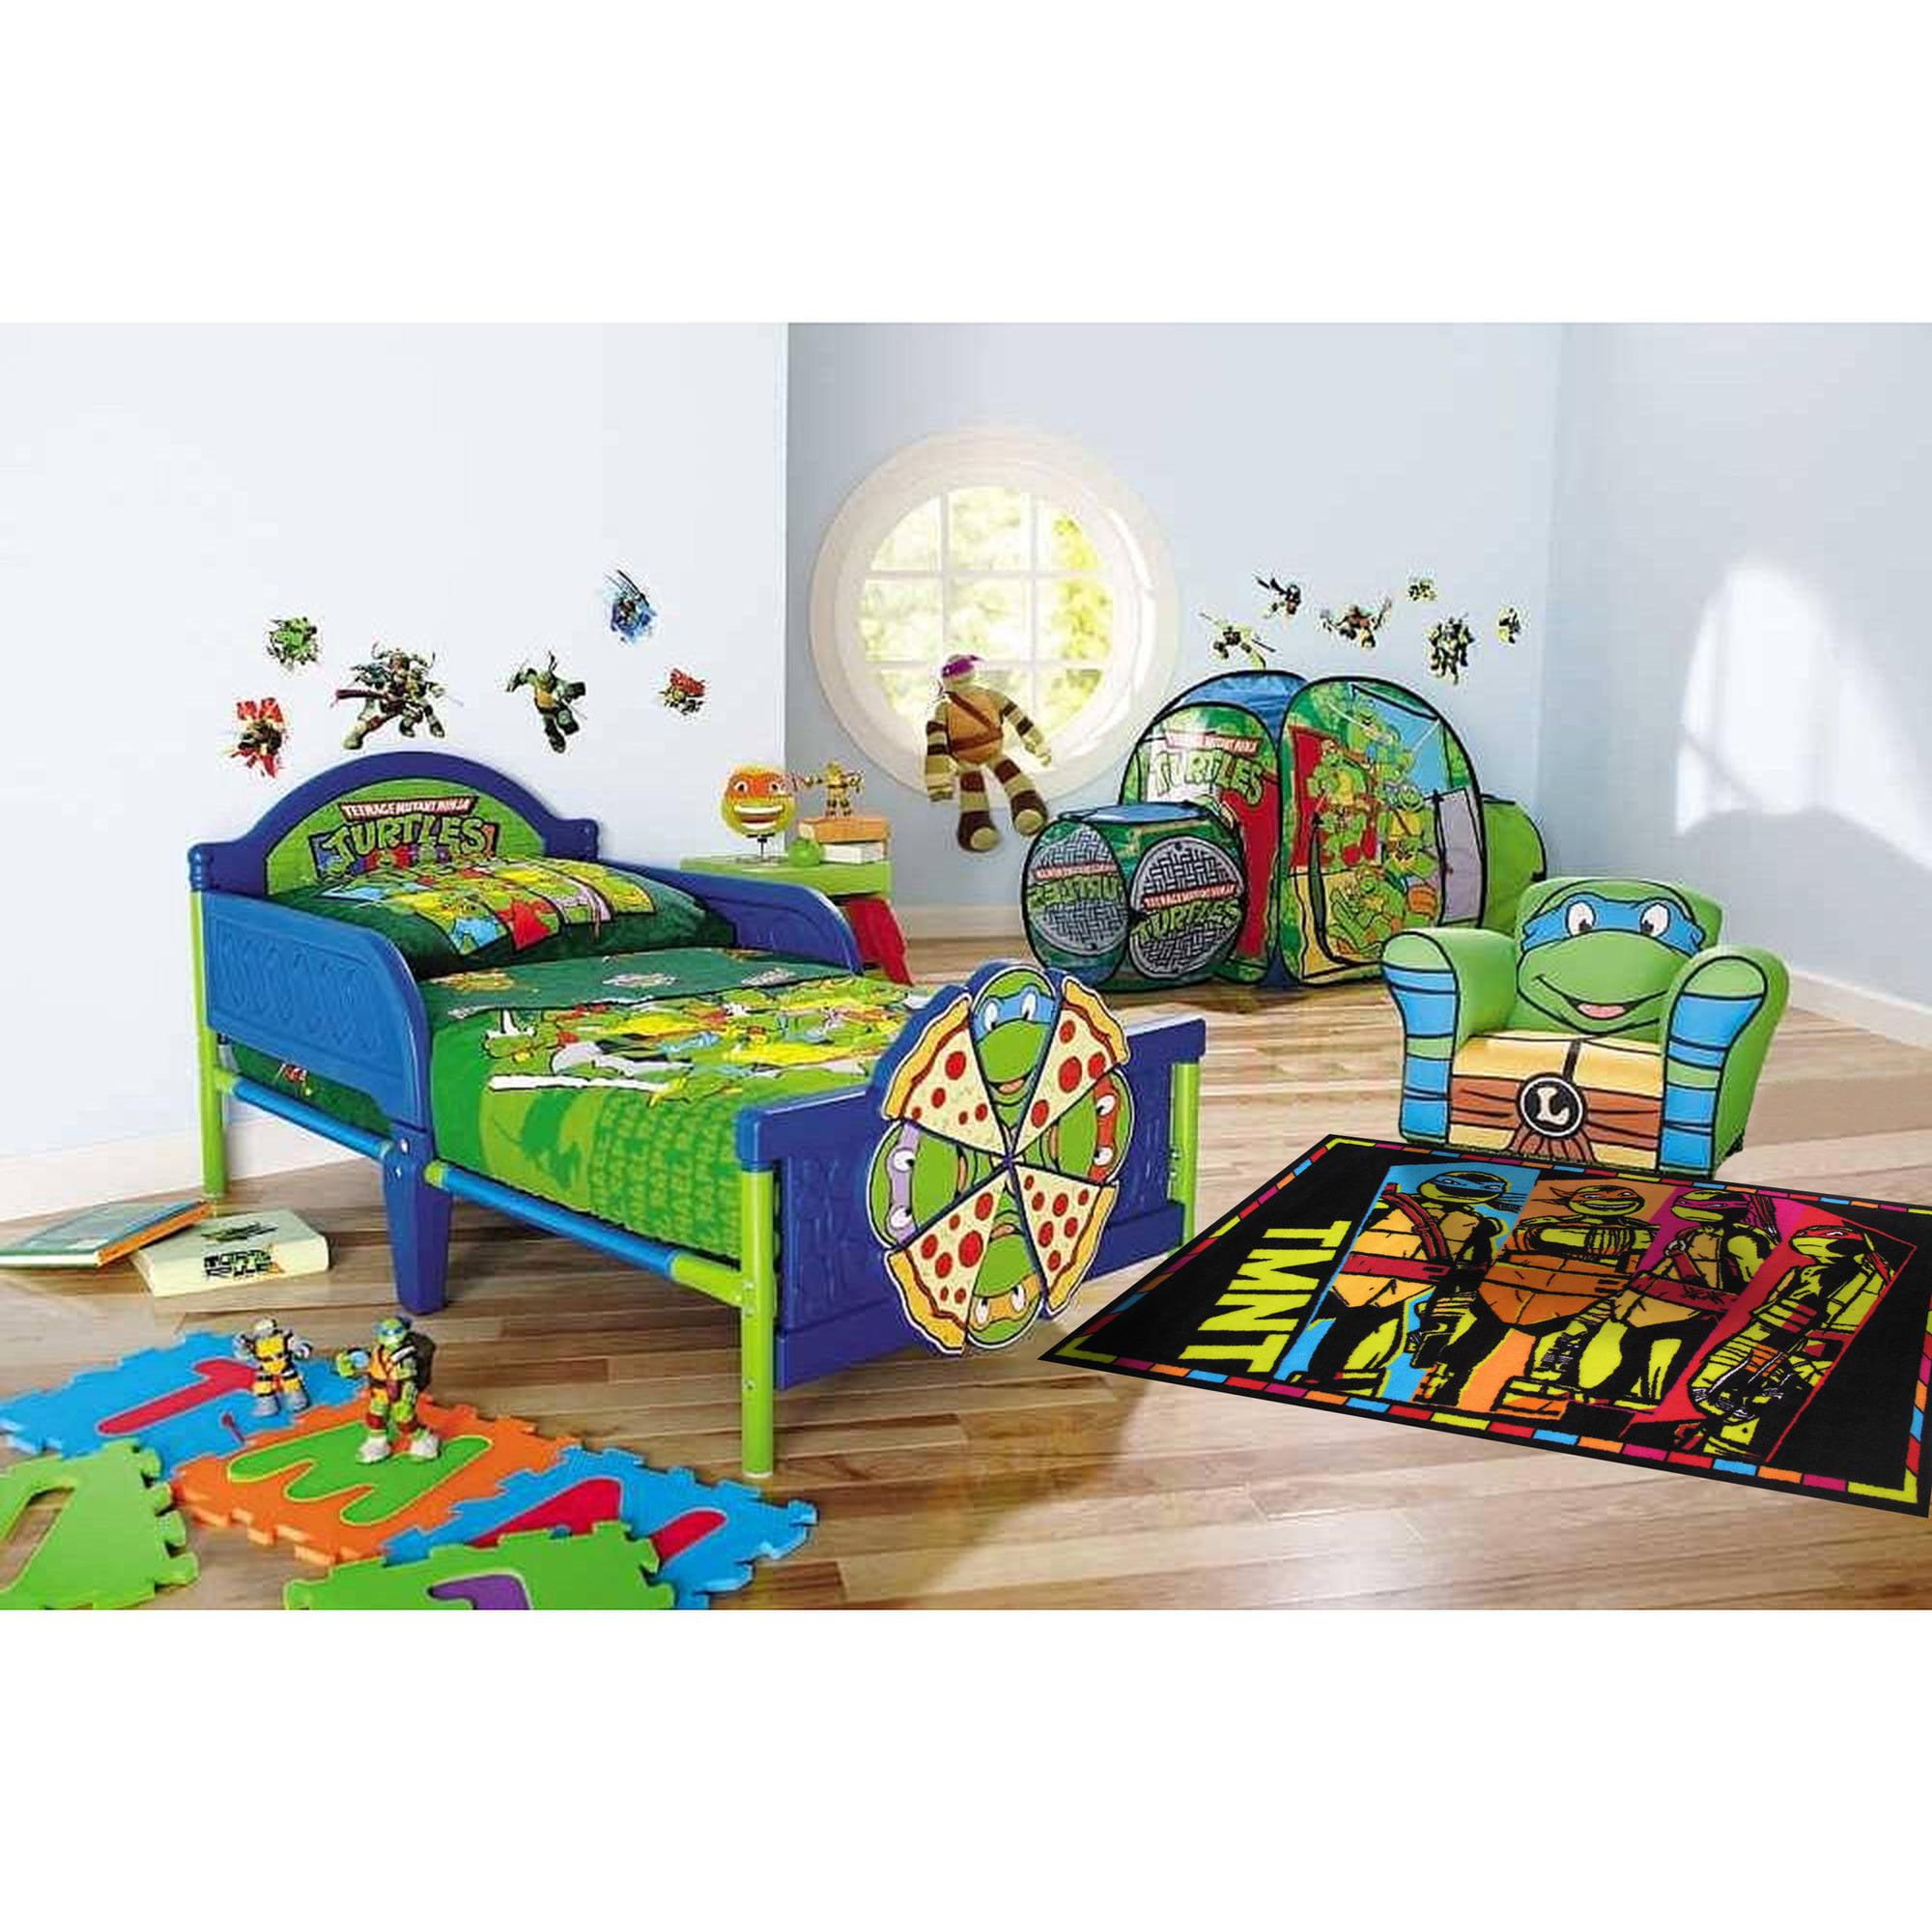 fun rugs nickelodeon ninja turtles tmnt kids rugs 19 x 29 rug